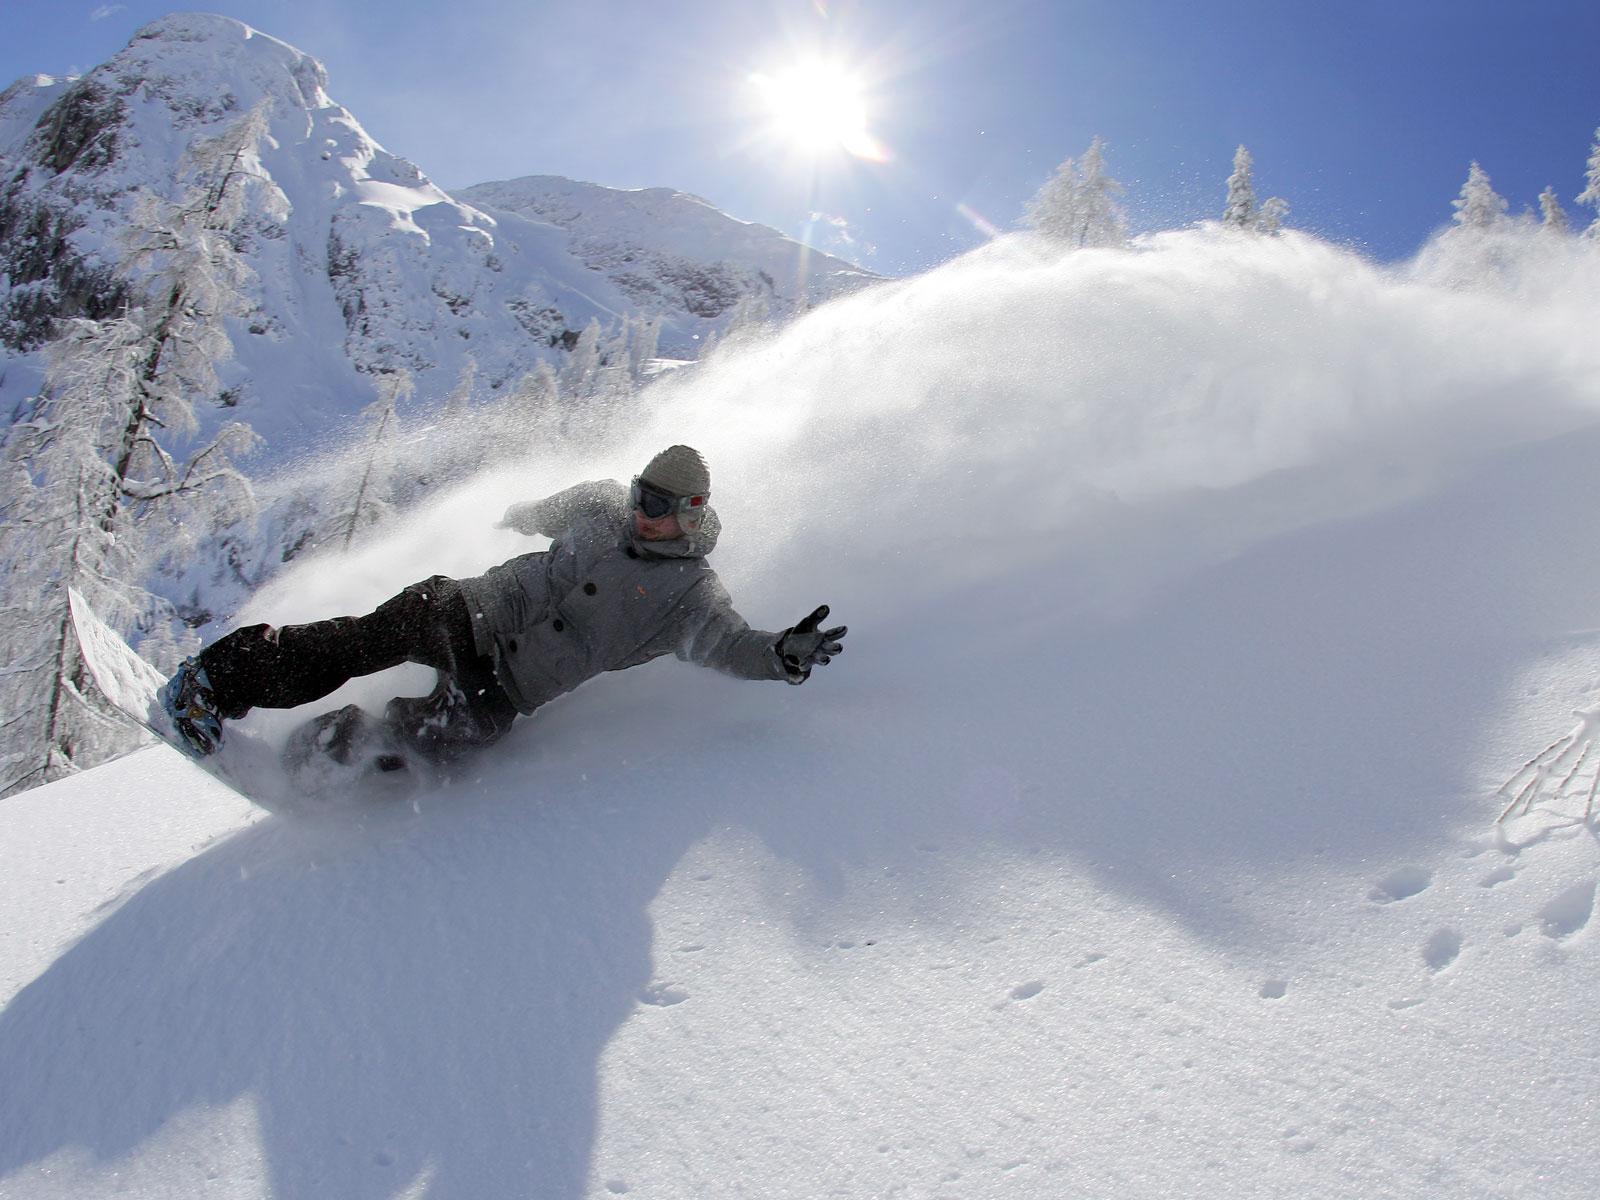 сноубордист вираж снег солнце  № 3559605 загрузить